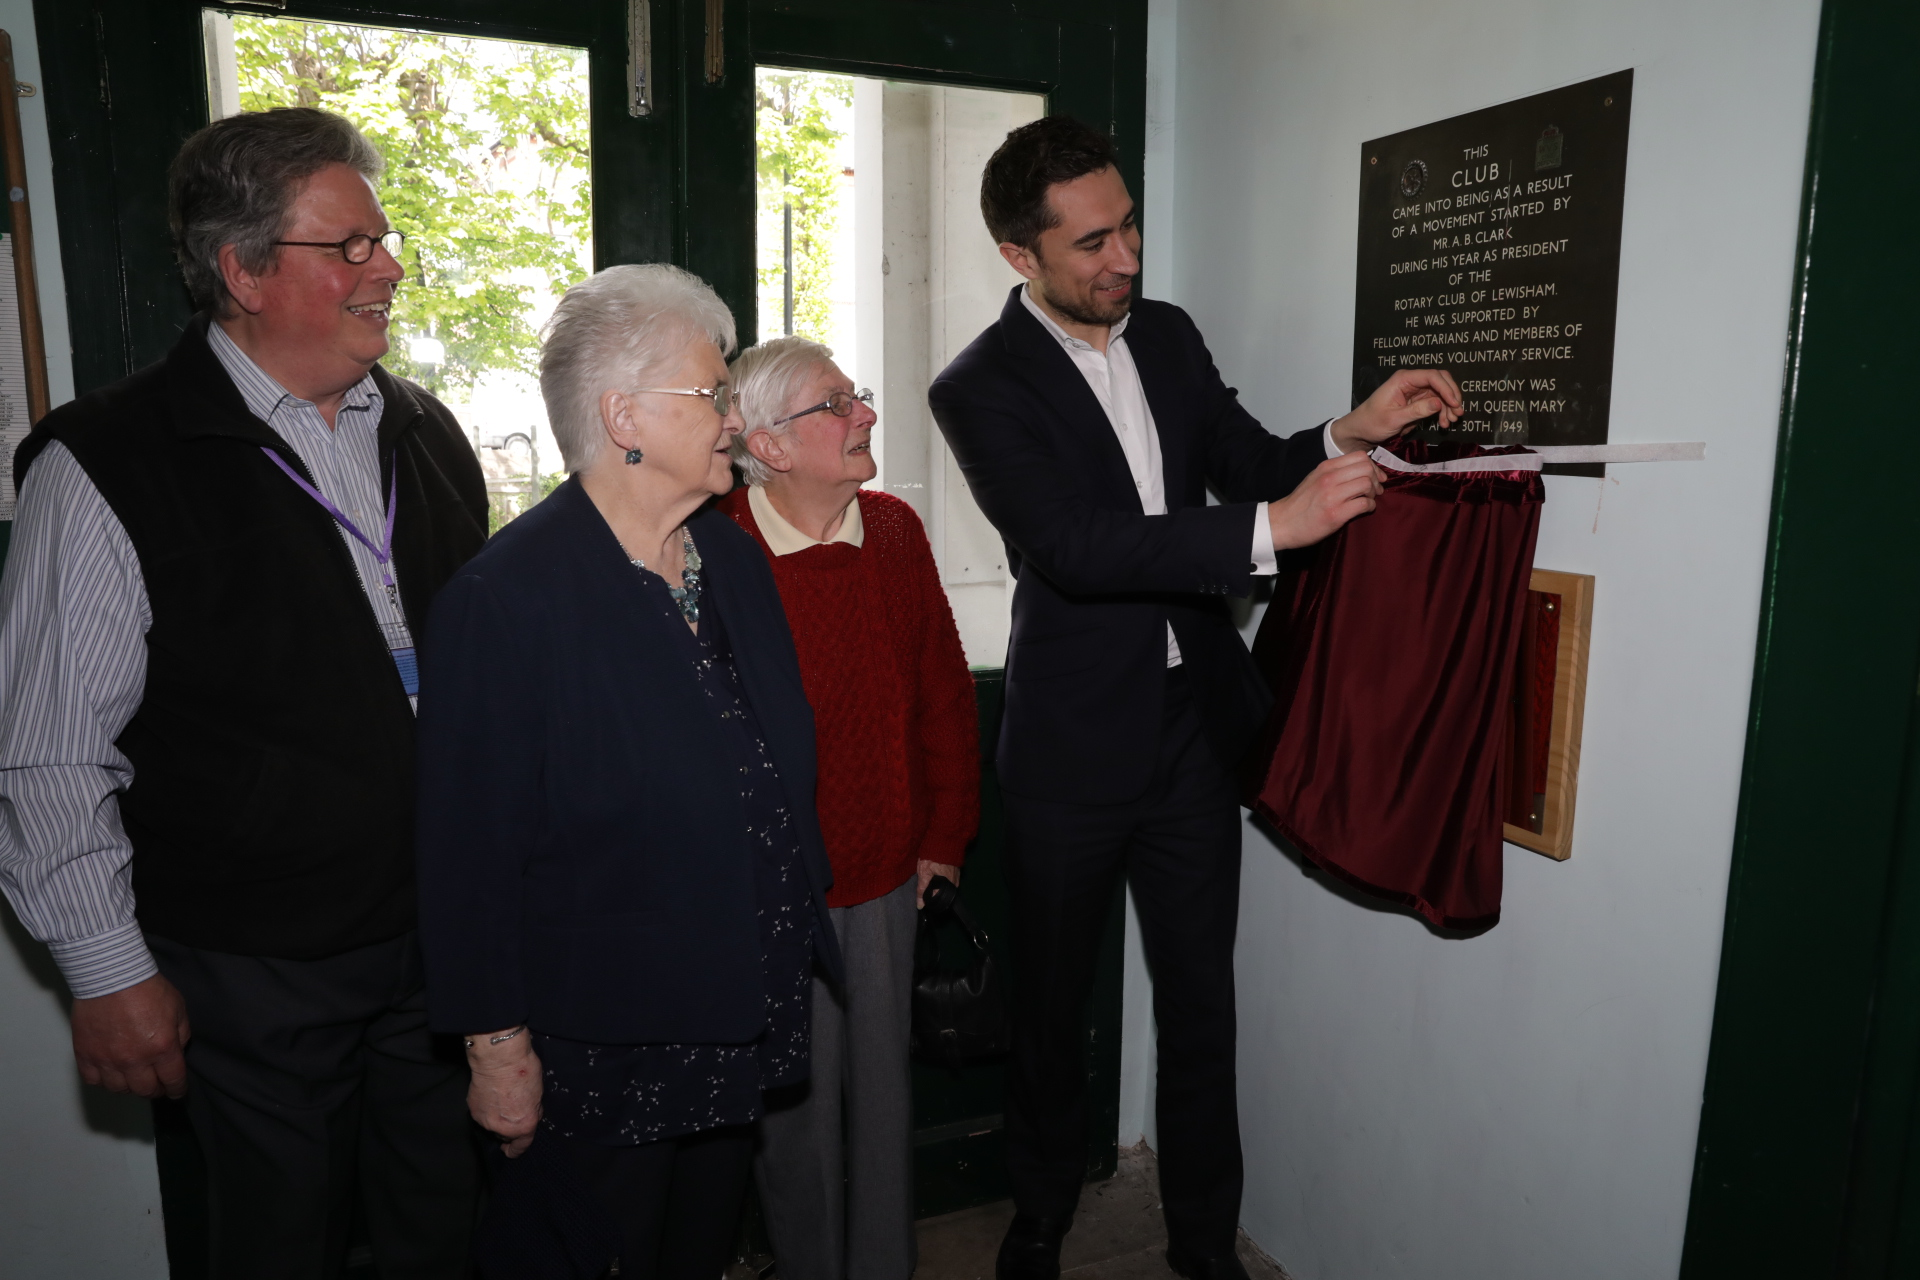 Mayor Damien Egan unveiling the plaque